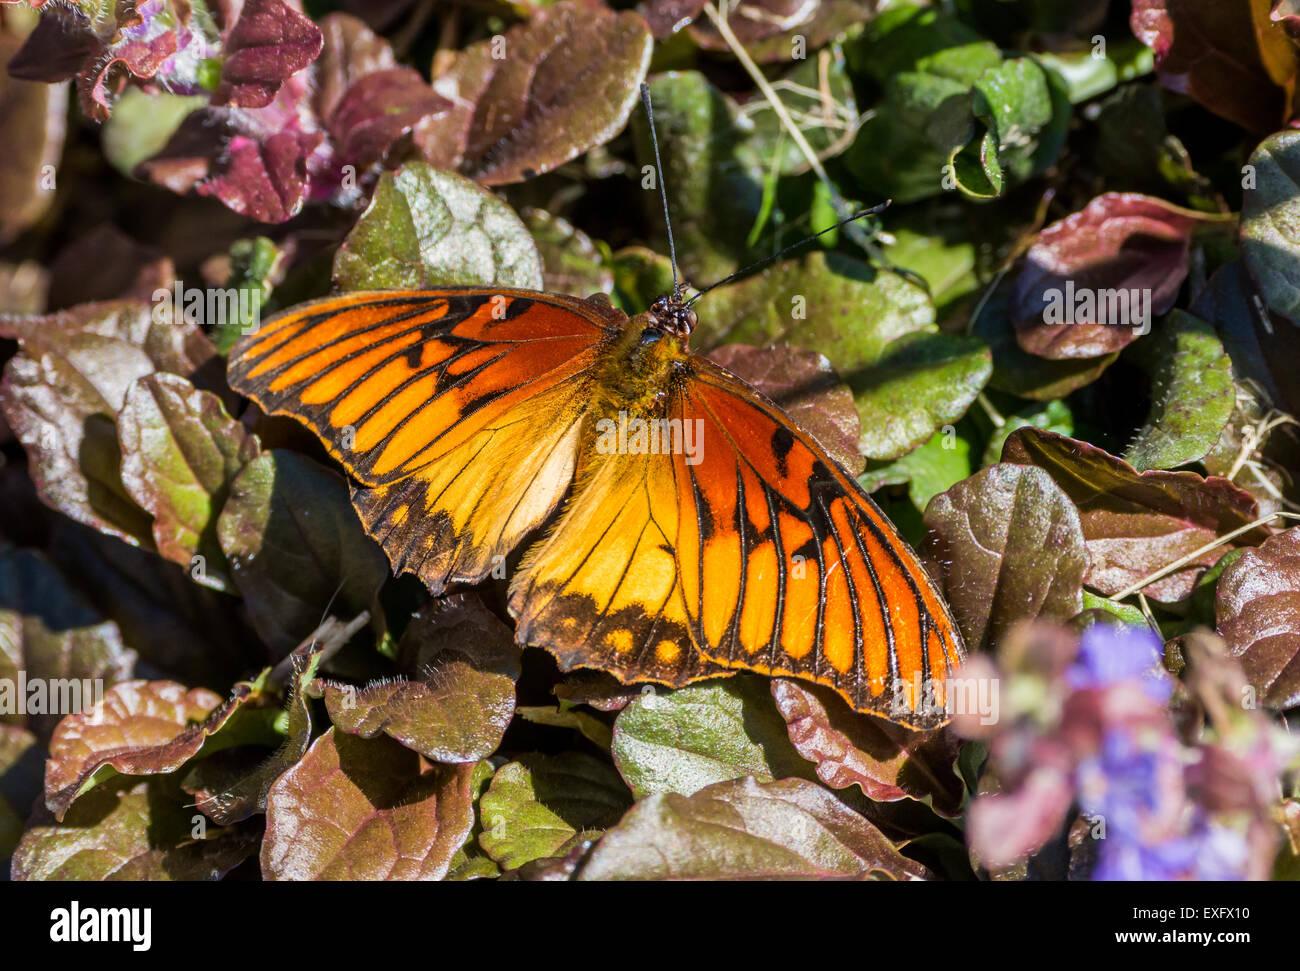 Golden orange butterfly - Stock Image